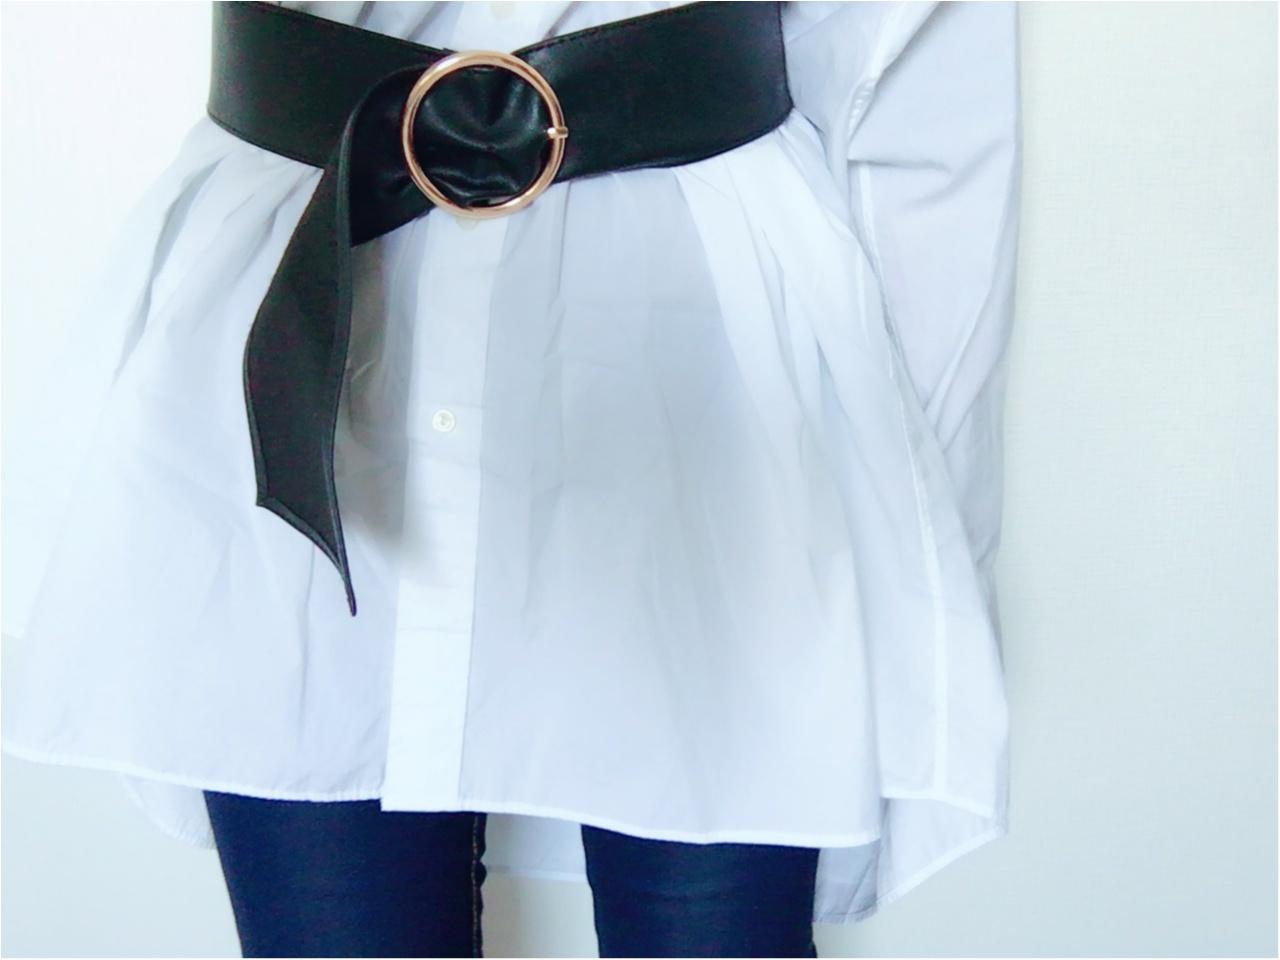 【UNIQLO】これ1枚でこなれ感❤️ユニクロで《今買うべき1着》はマルチに使えるコレ!!_6